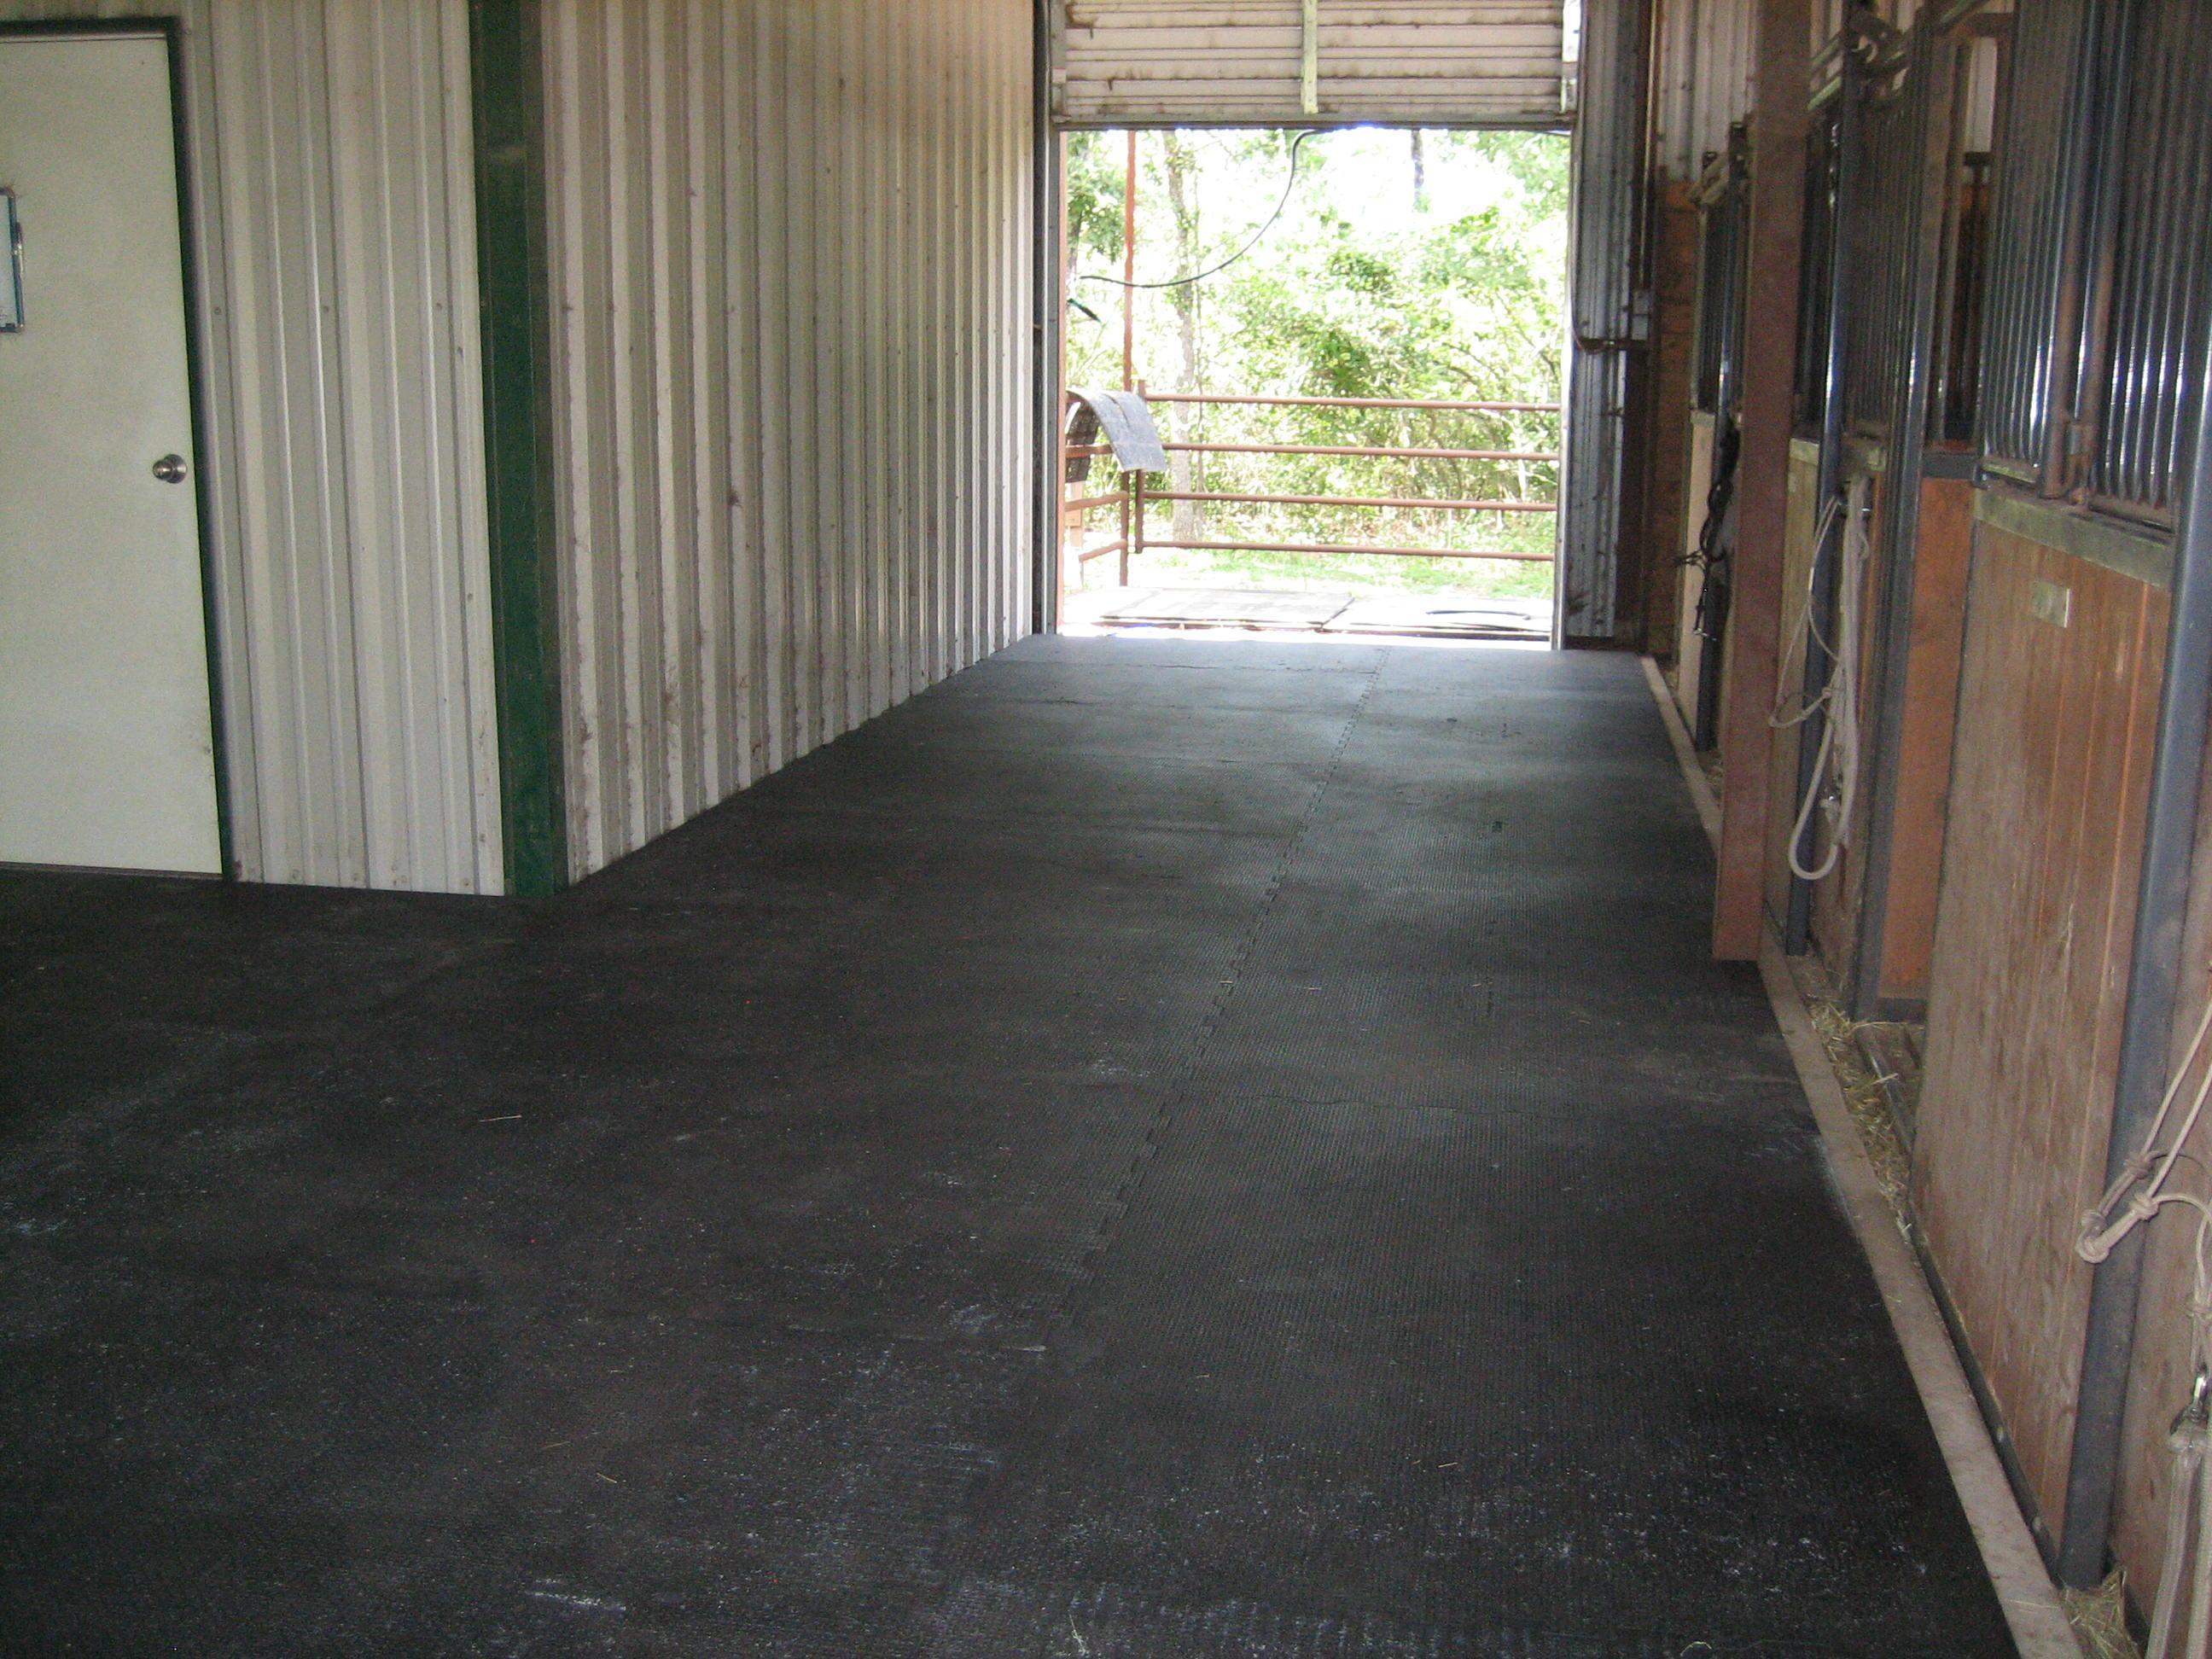 Concrete Flooring For Horse Stalls Carpet Vidalondon